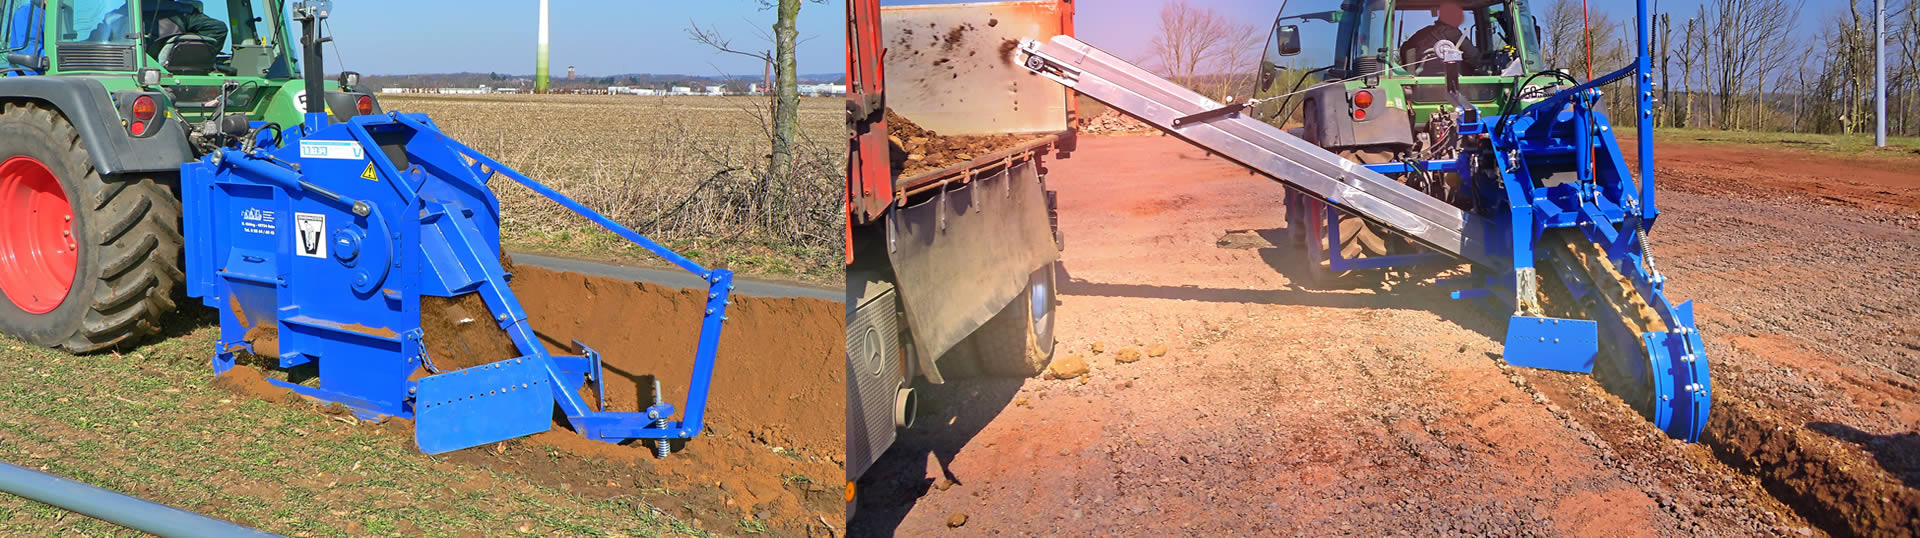 Prächtig LIBA – Grabenfräsen für Kabelbau, Landwirtschaft, Drainagen | Mit &JT_34